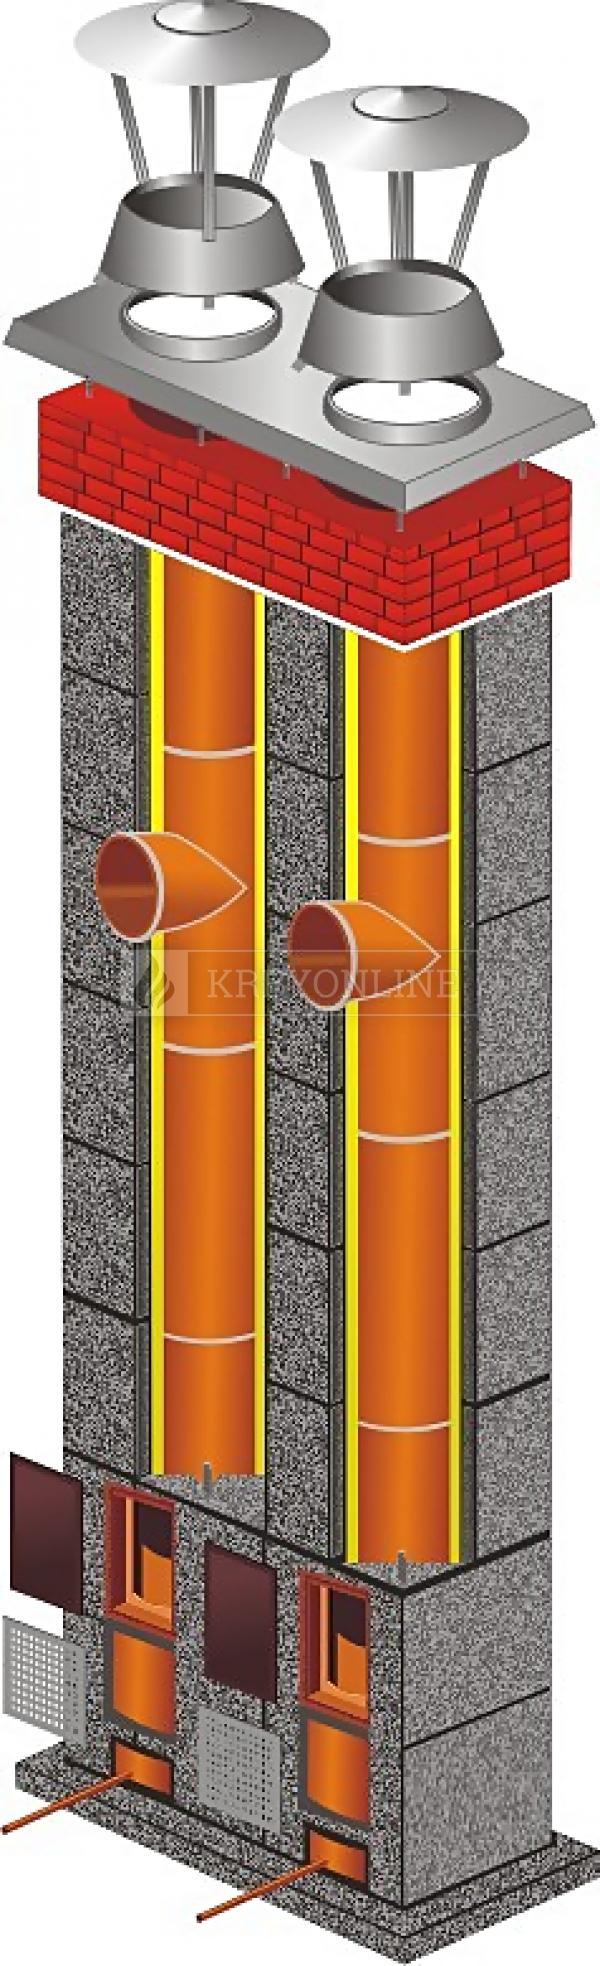 Stadreko - Dvojprieduchový komínový systém s vatou Ø 200 / Ø 160 krbyonline